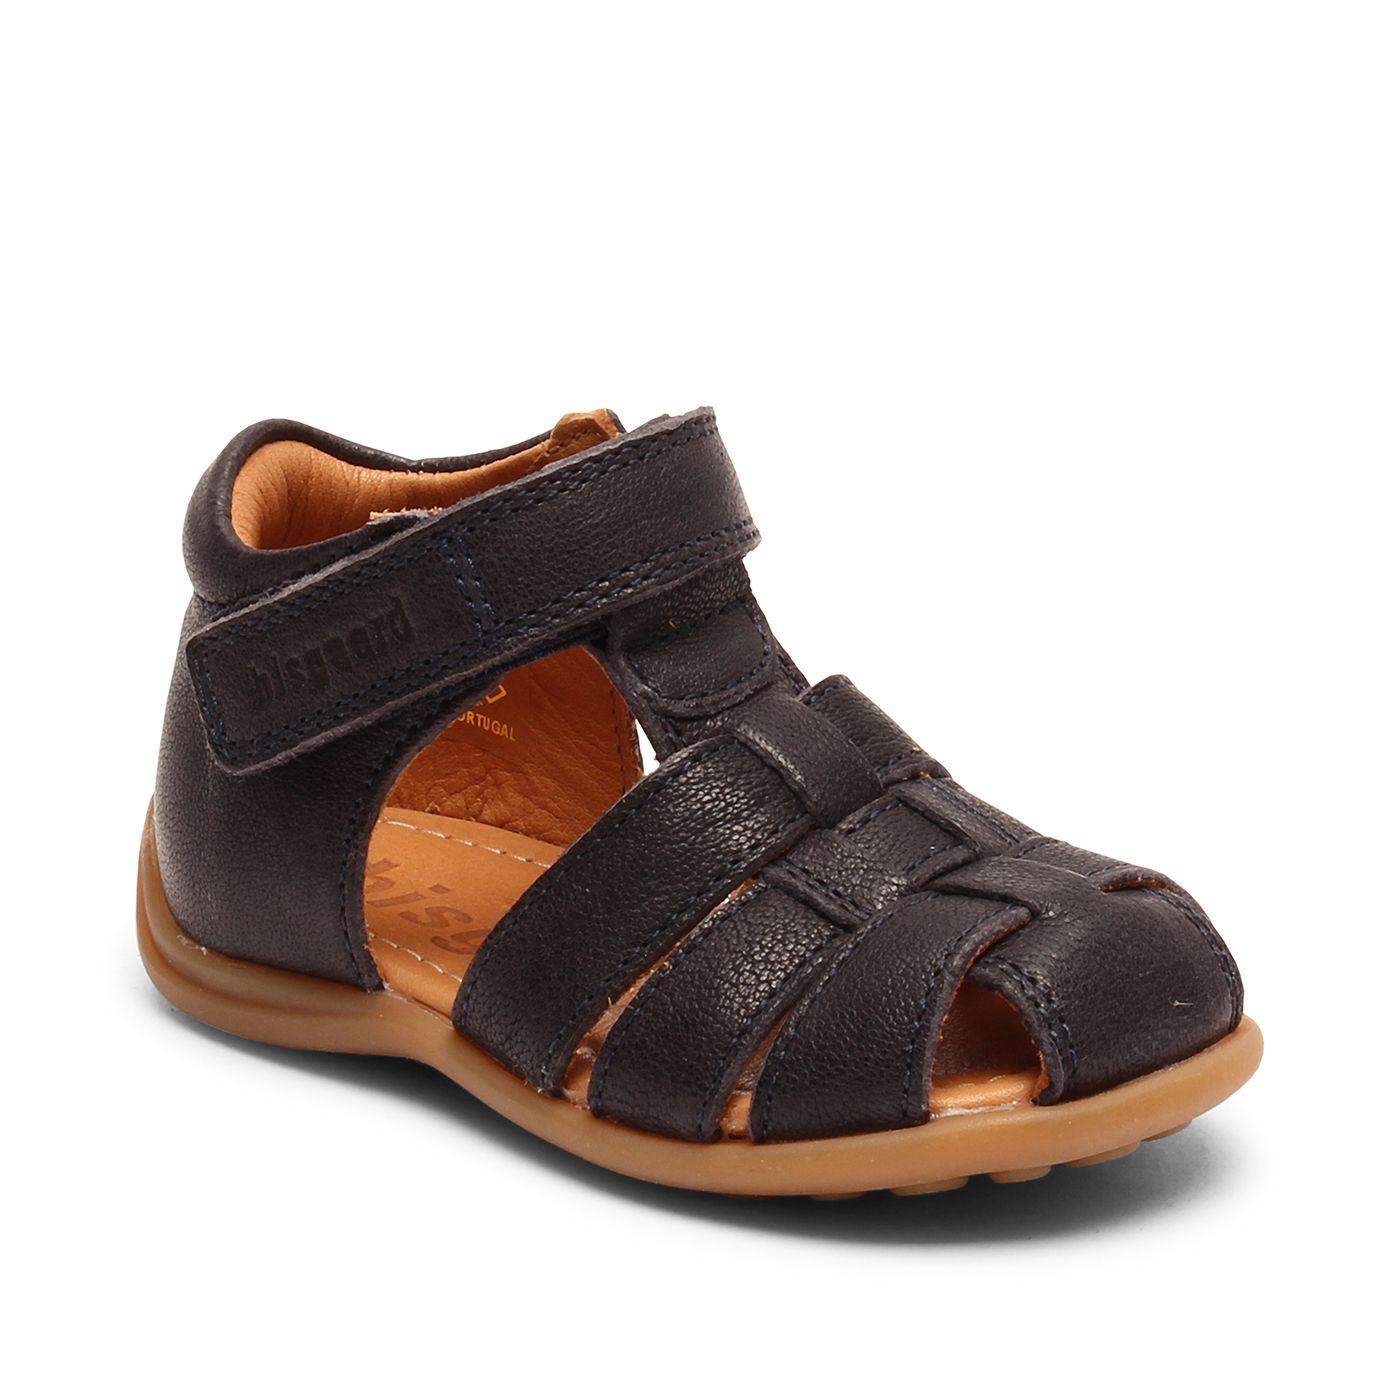 Bisgaard kožené sandály pro první krůčky 71206 - 1423